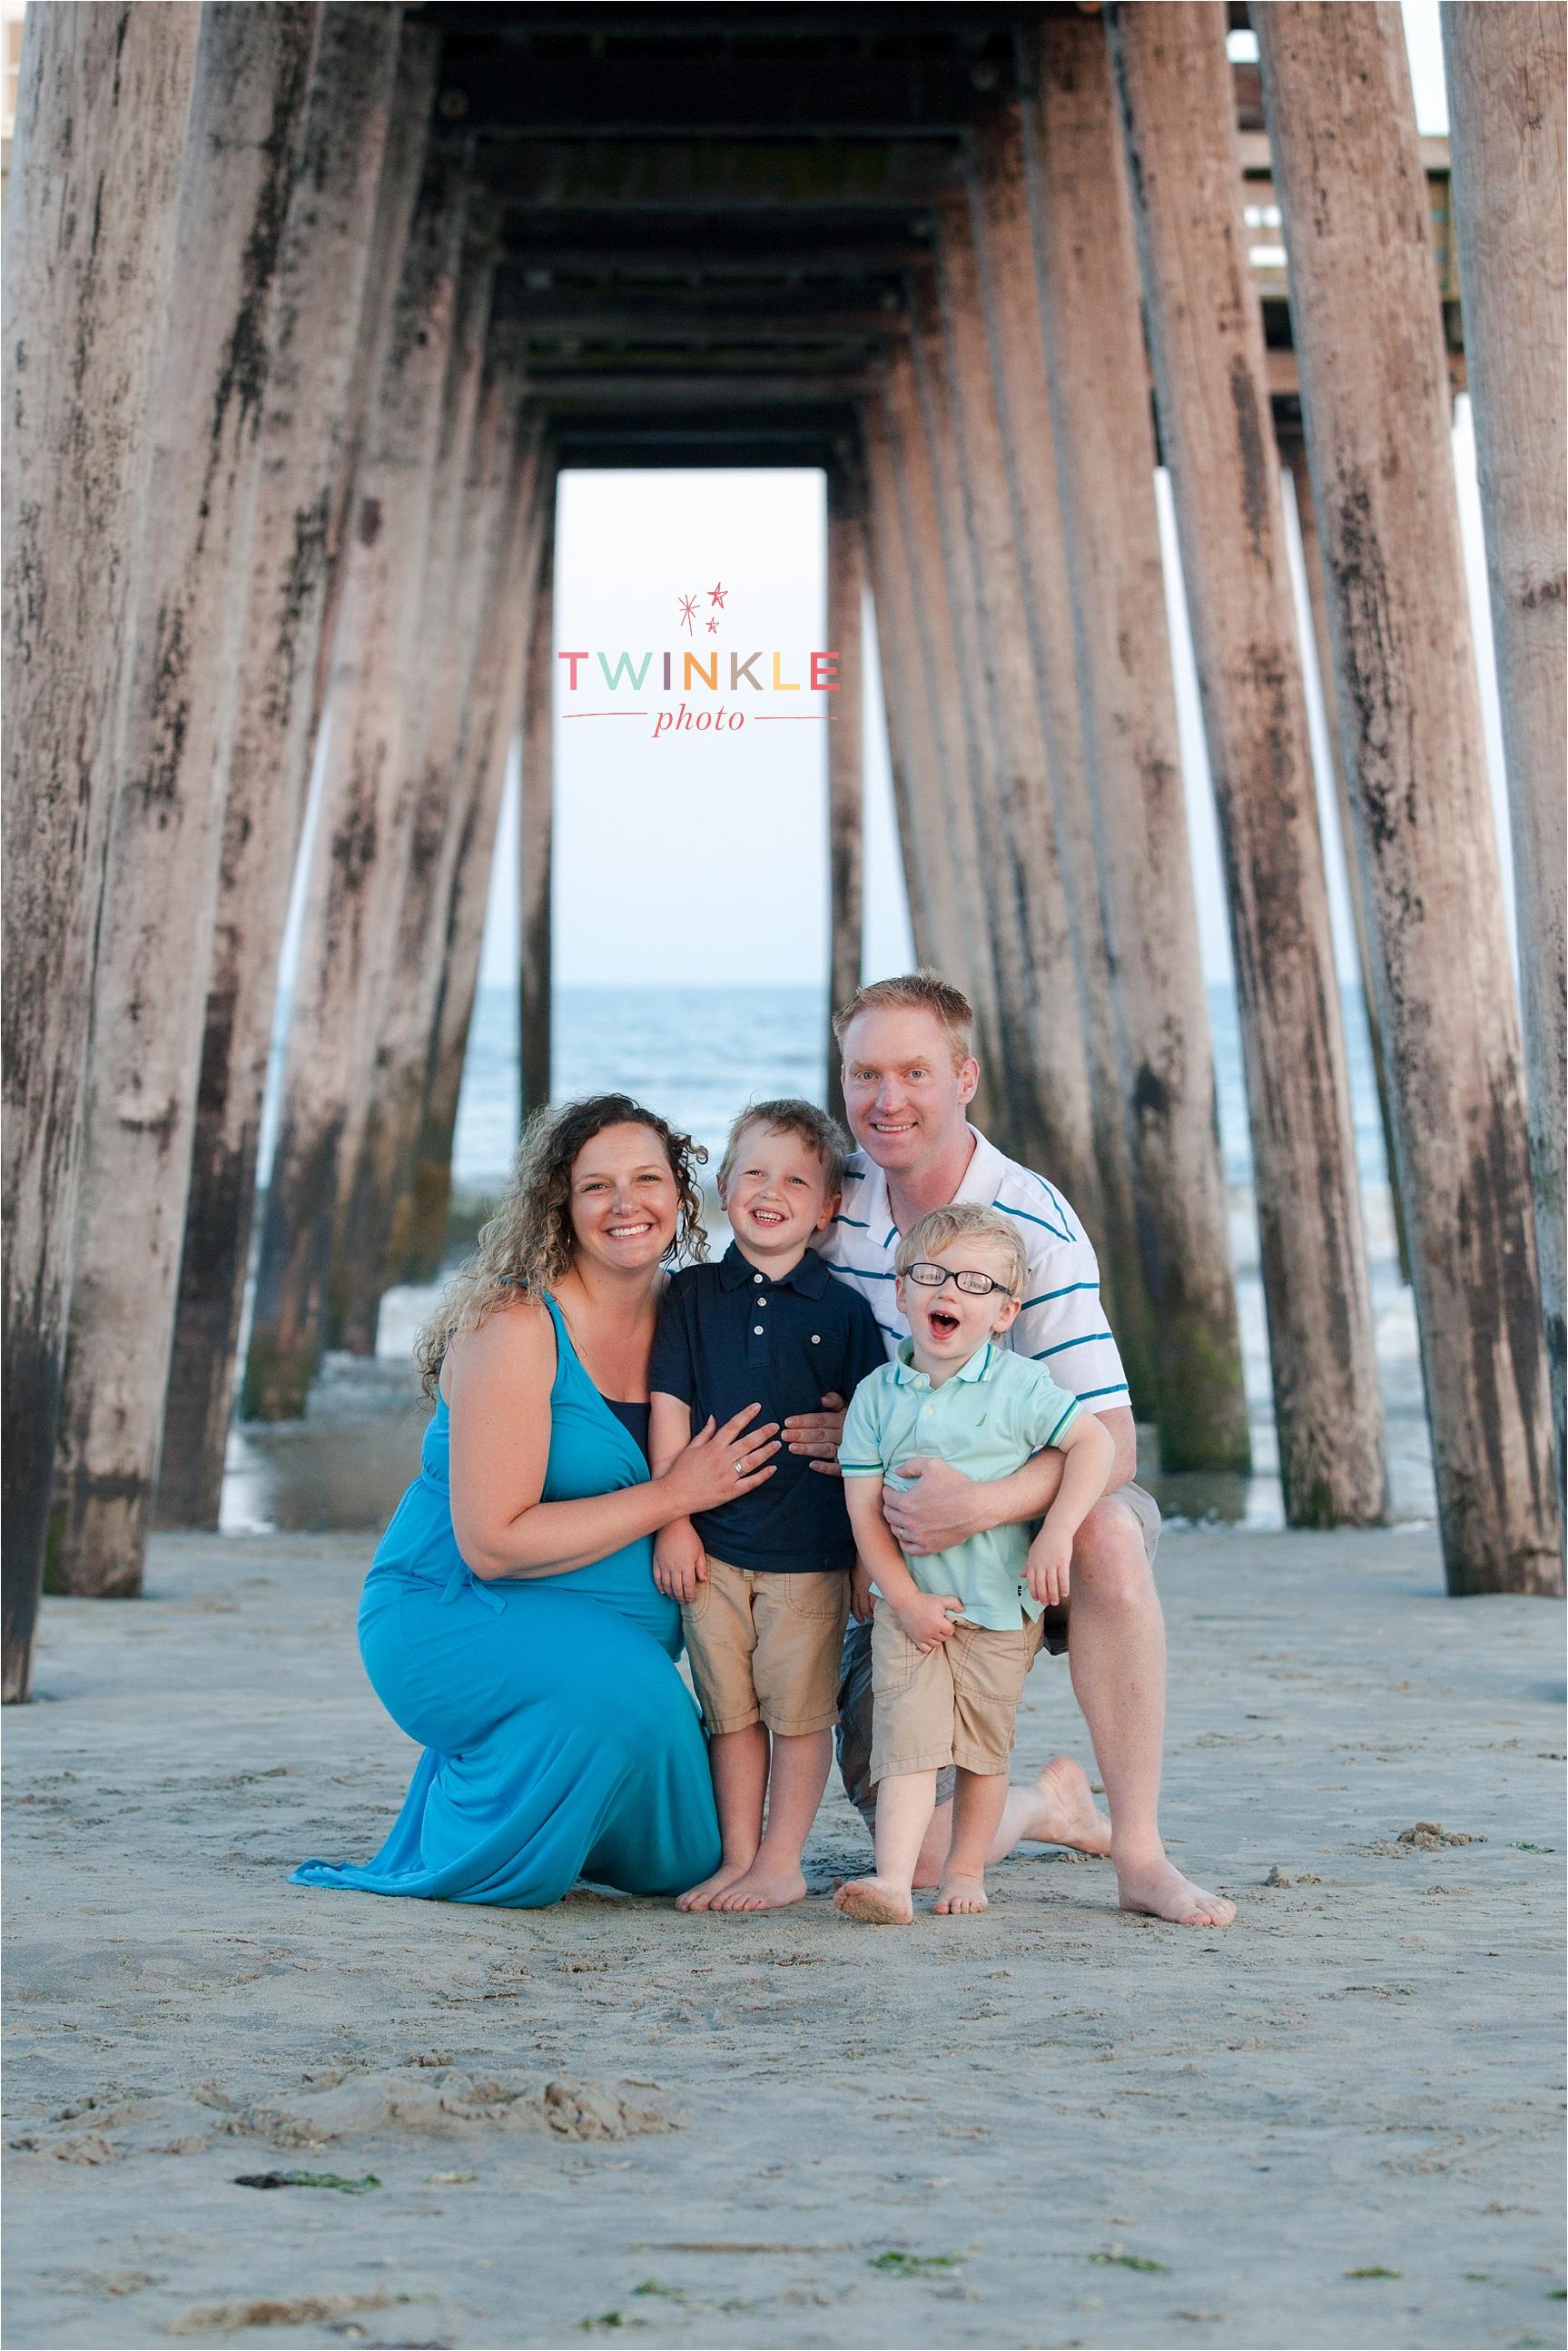 Ocean City NJ Avalon Sea Isle City Beach Photography Photographer OCNJ-08